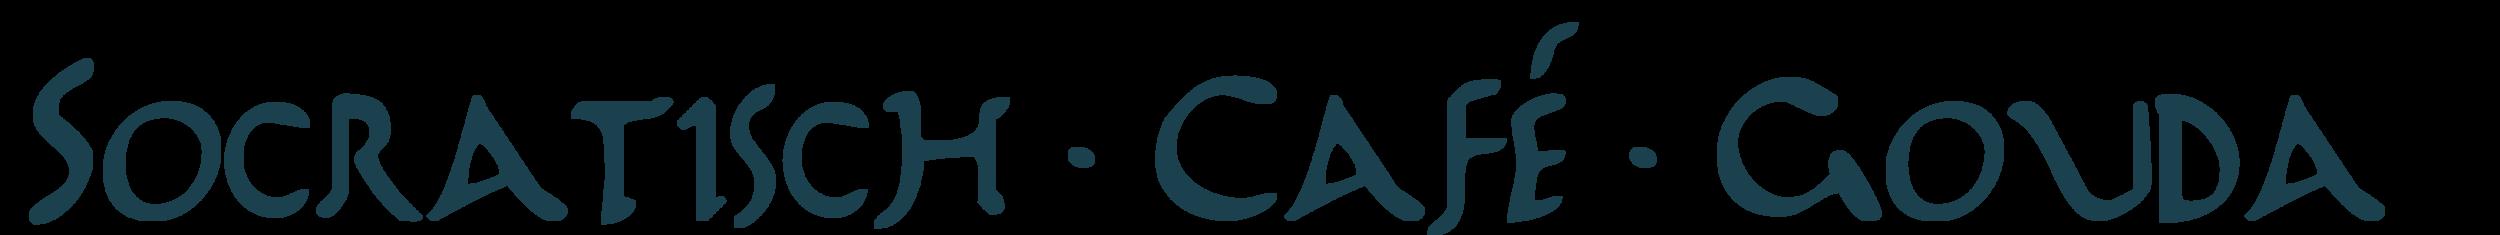 Logo Socratisch café Gouda 03.png